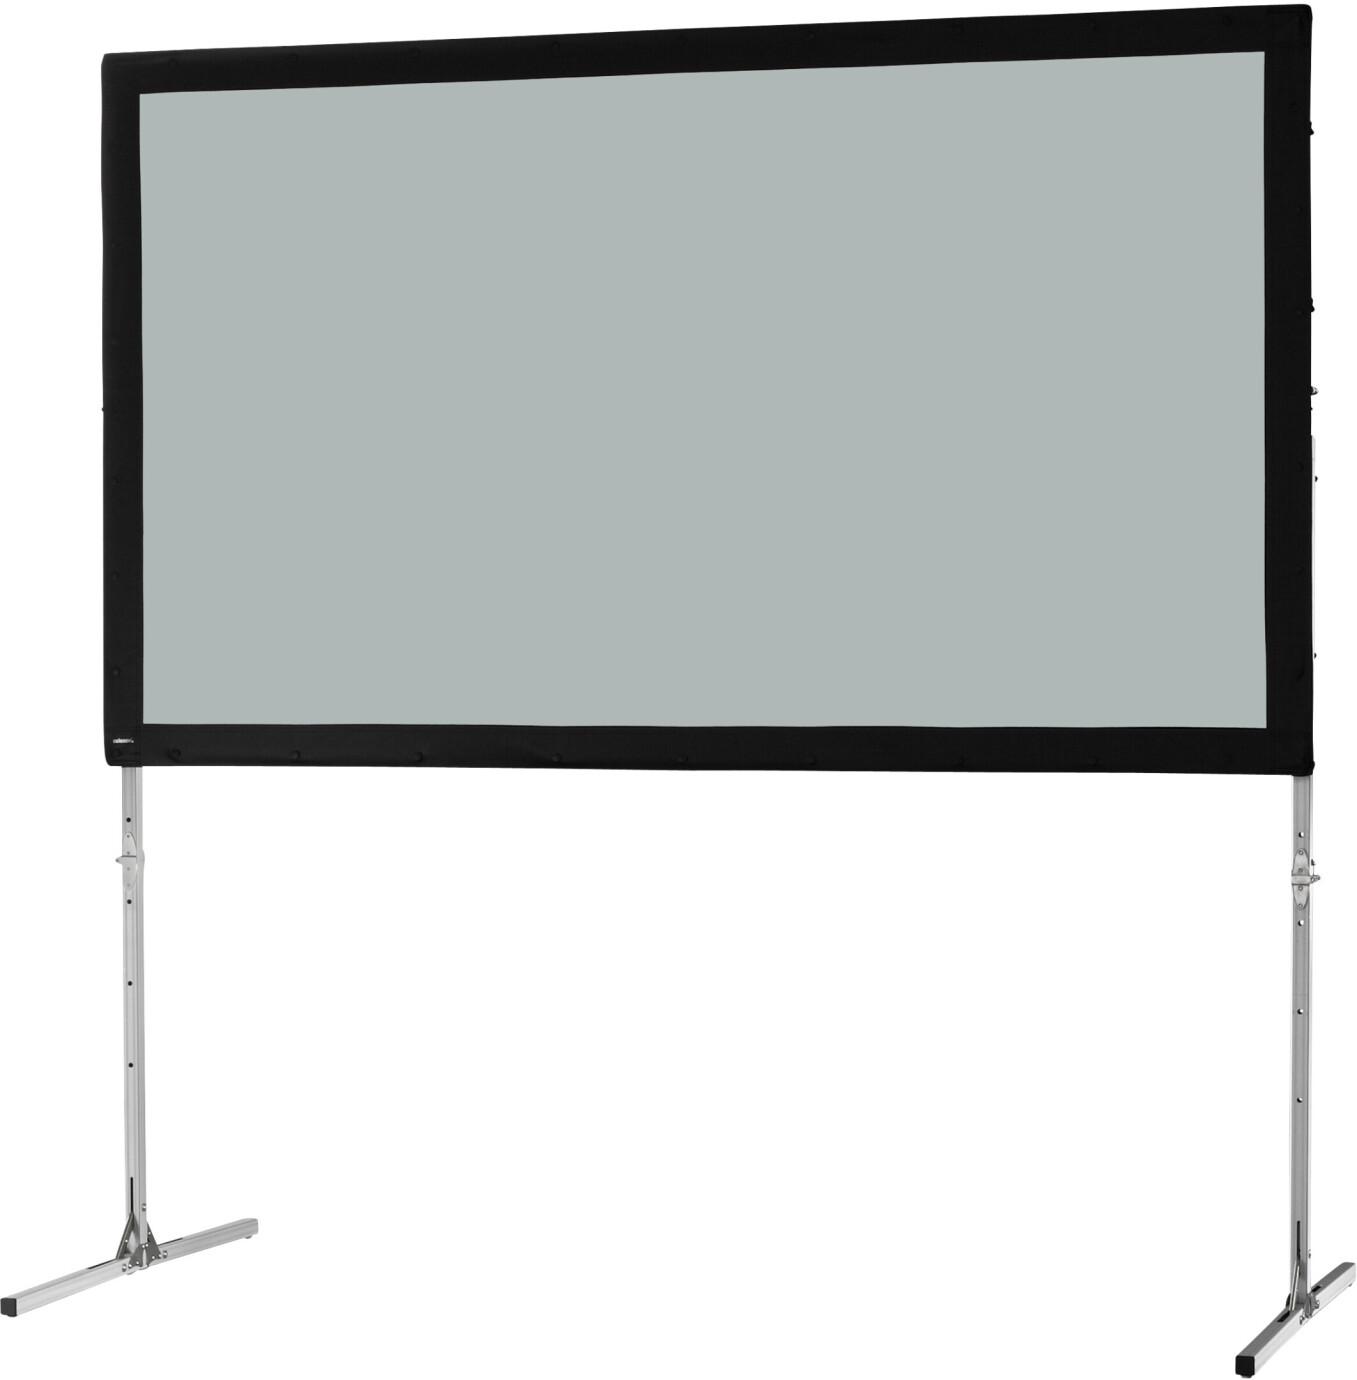 celexon Faltrahmen Leinwand Mobil Expert 305 x 172cm, Rückprojektion